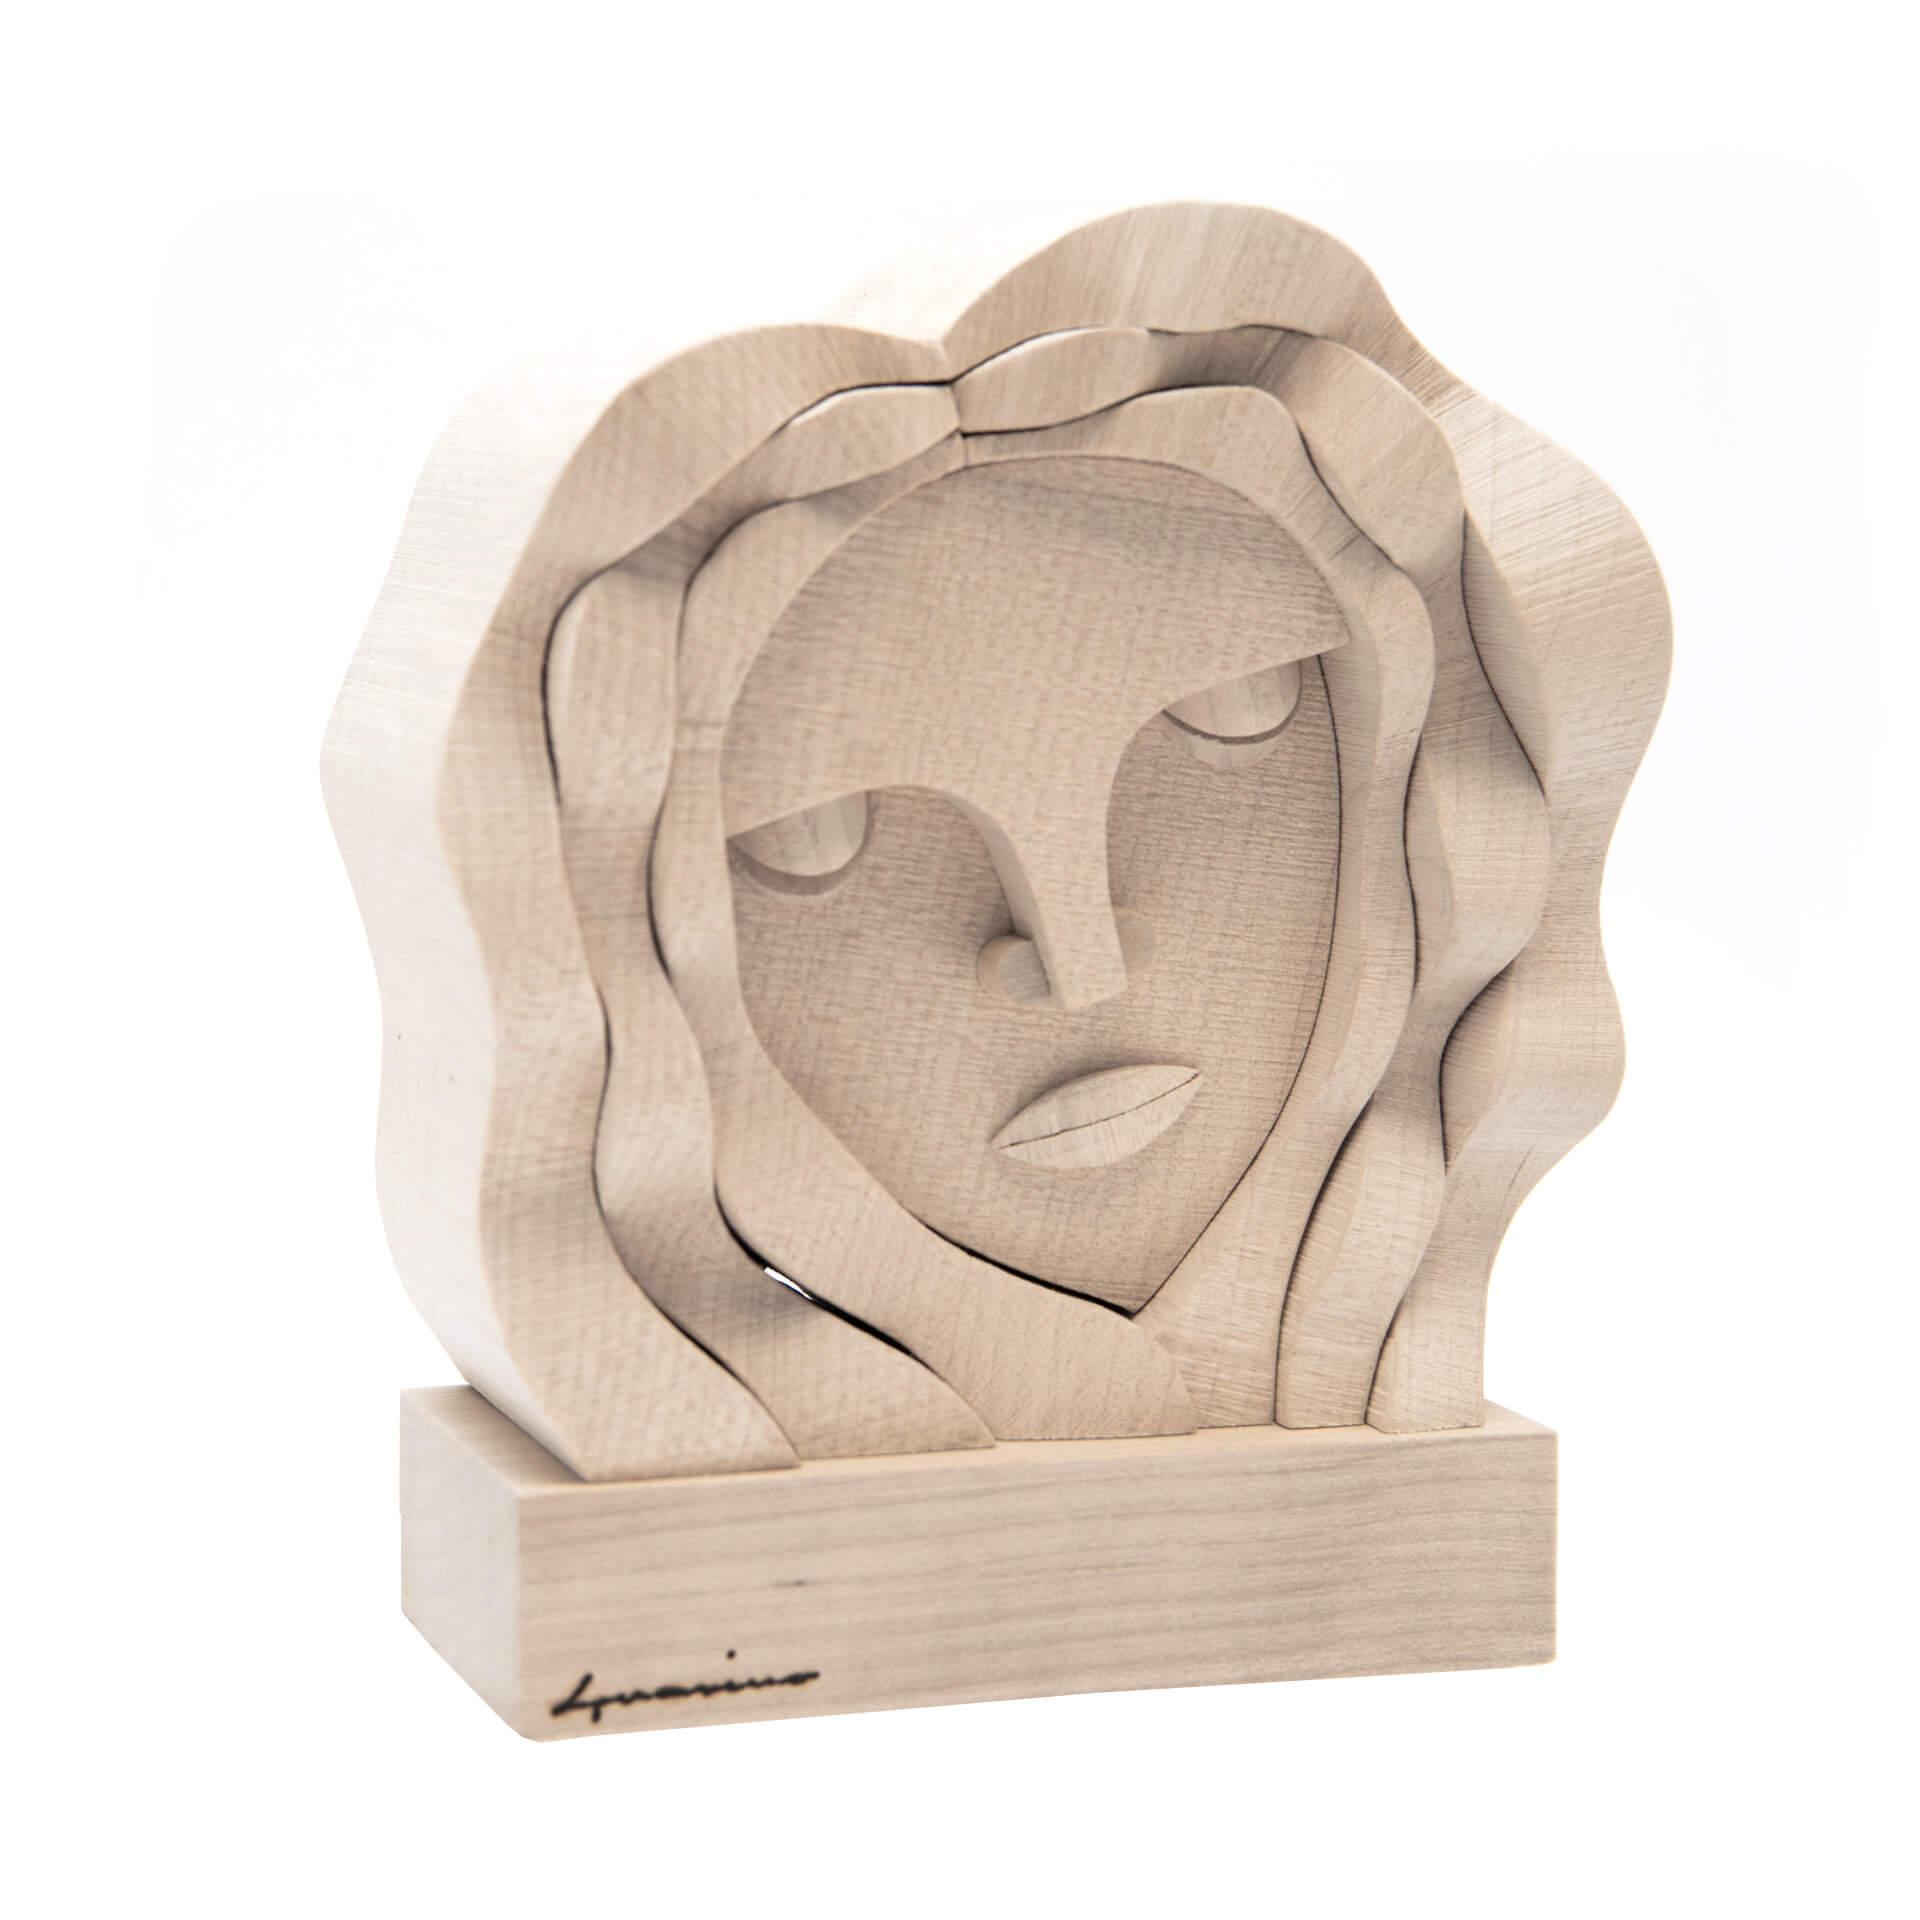 Scultura in legno Vergine -  Dimensione media 16x 7 x 18 cm (b x p x h)